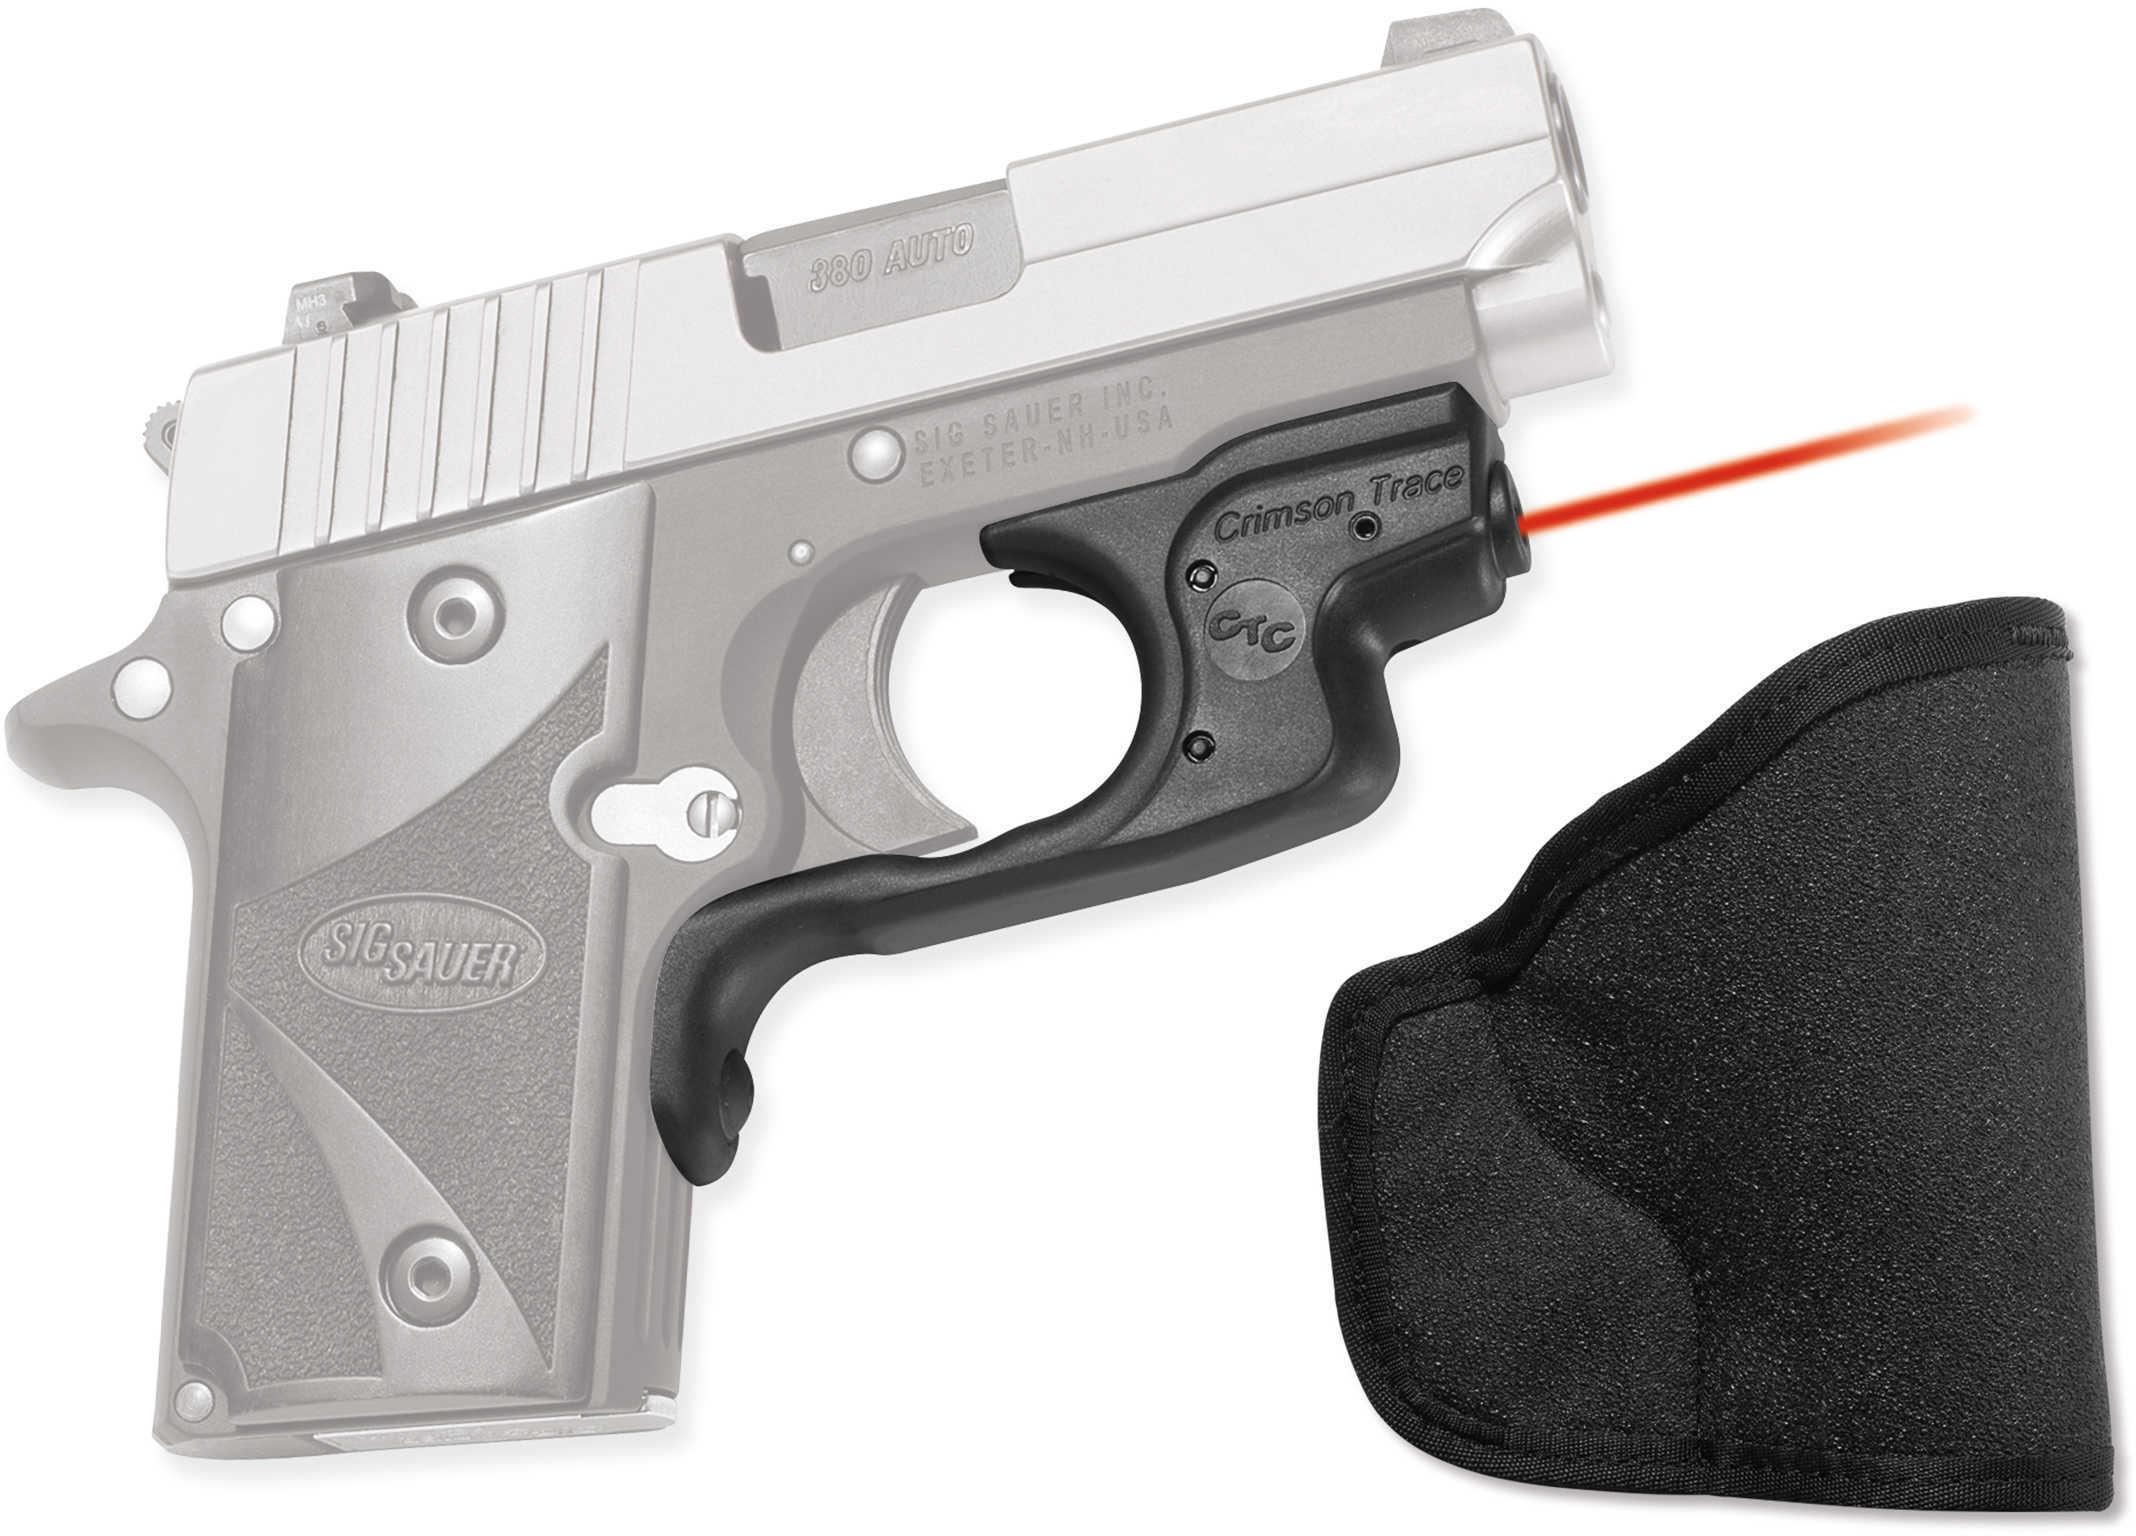 Crimson Trace Sig P238 Laserguard